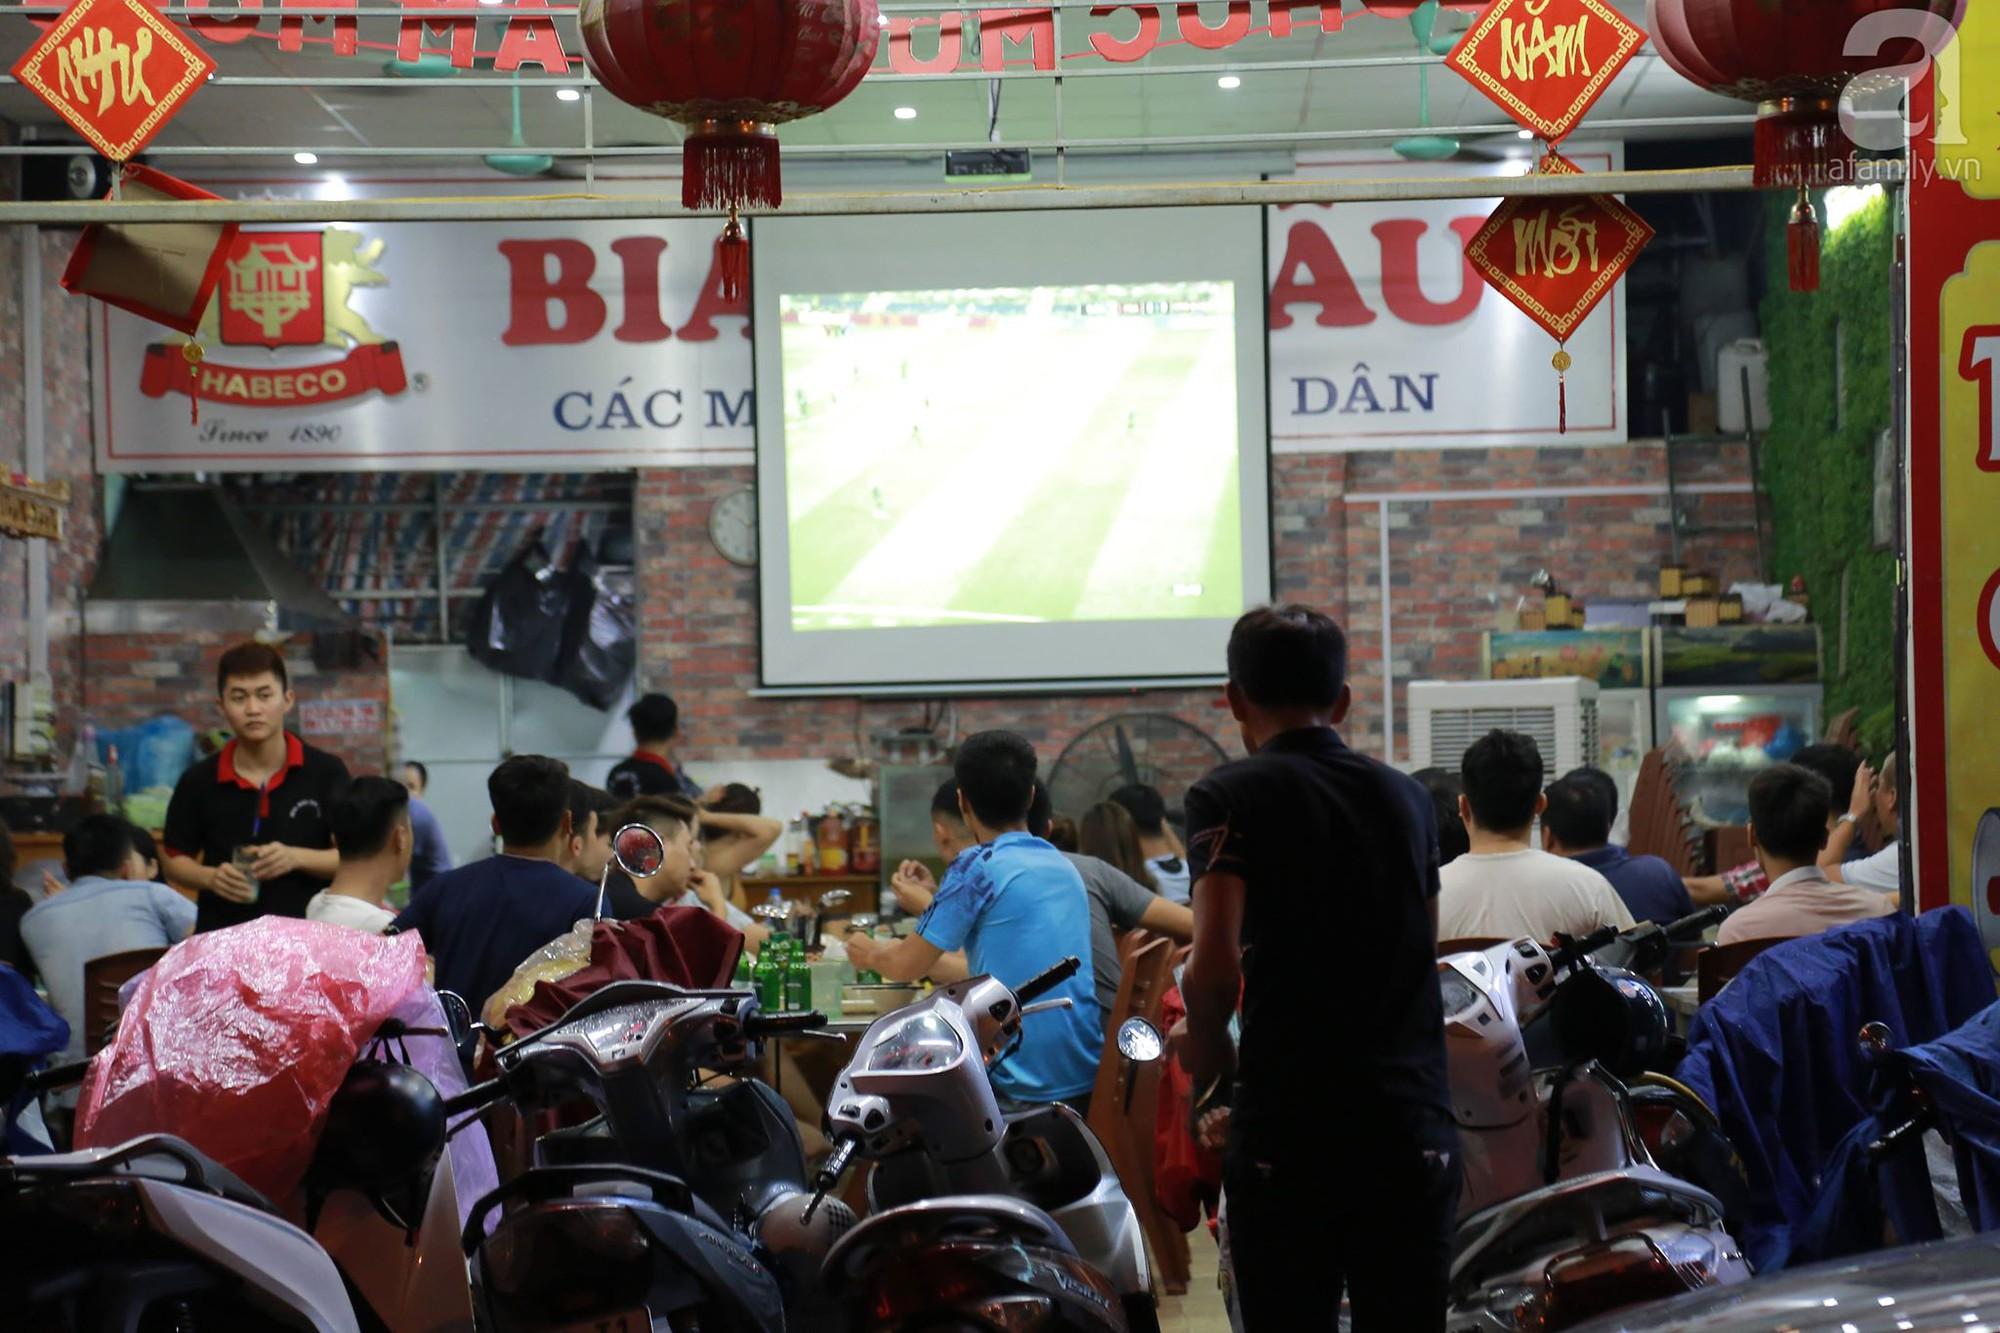 Chung kết World Cup, người Sài Gòn và Hà Nội háo hức trước trận cầu lịch sử giữa Pháp - Croatia - Ảnh 13.